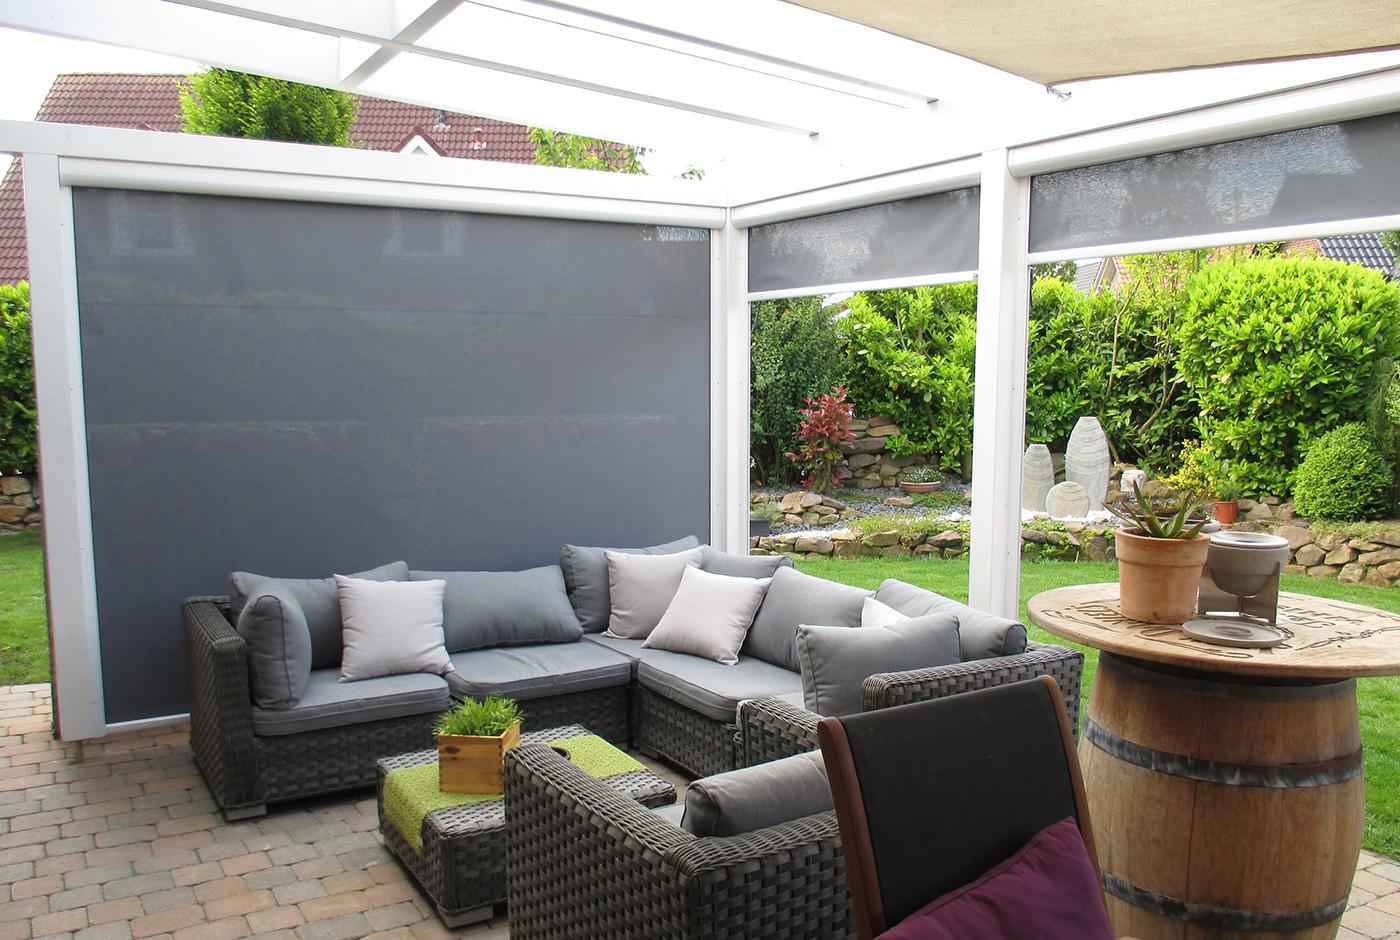 windschutz f r den garten so sch tzen sie den garten vor. Black Bedroom Furniture Sets. Home Design Ideas